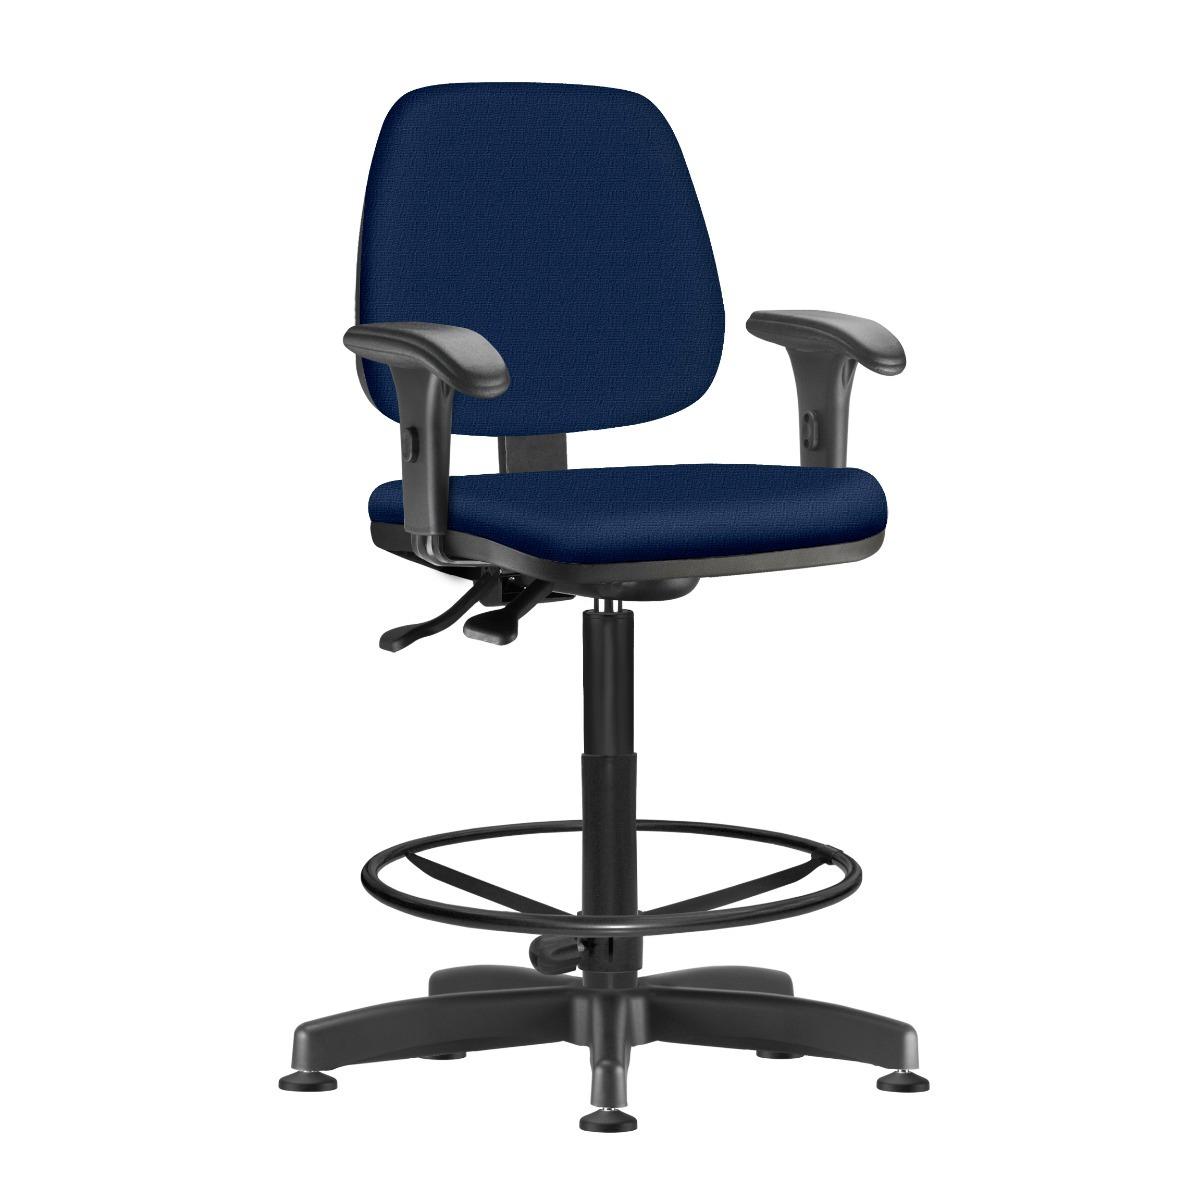 Cadeira Giratoria Job Caixa Ergonomica Com Bracos Azul R 749 99 Em Mercado Livre